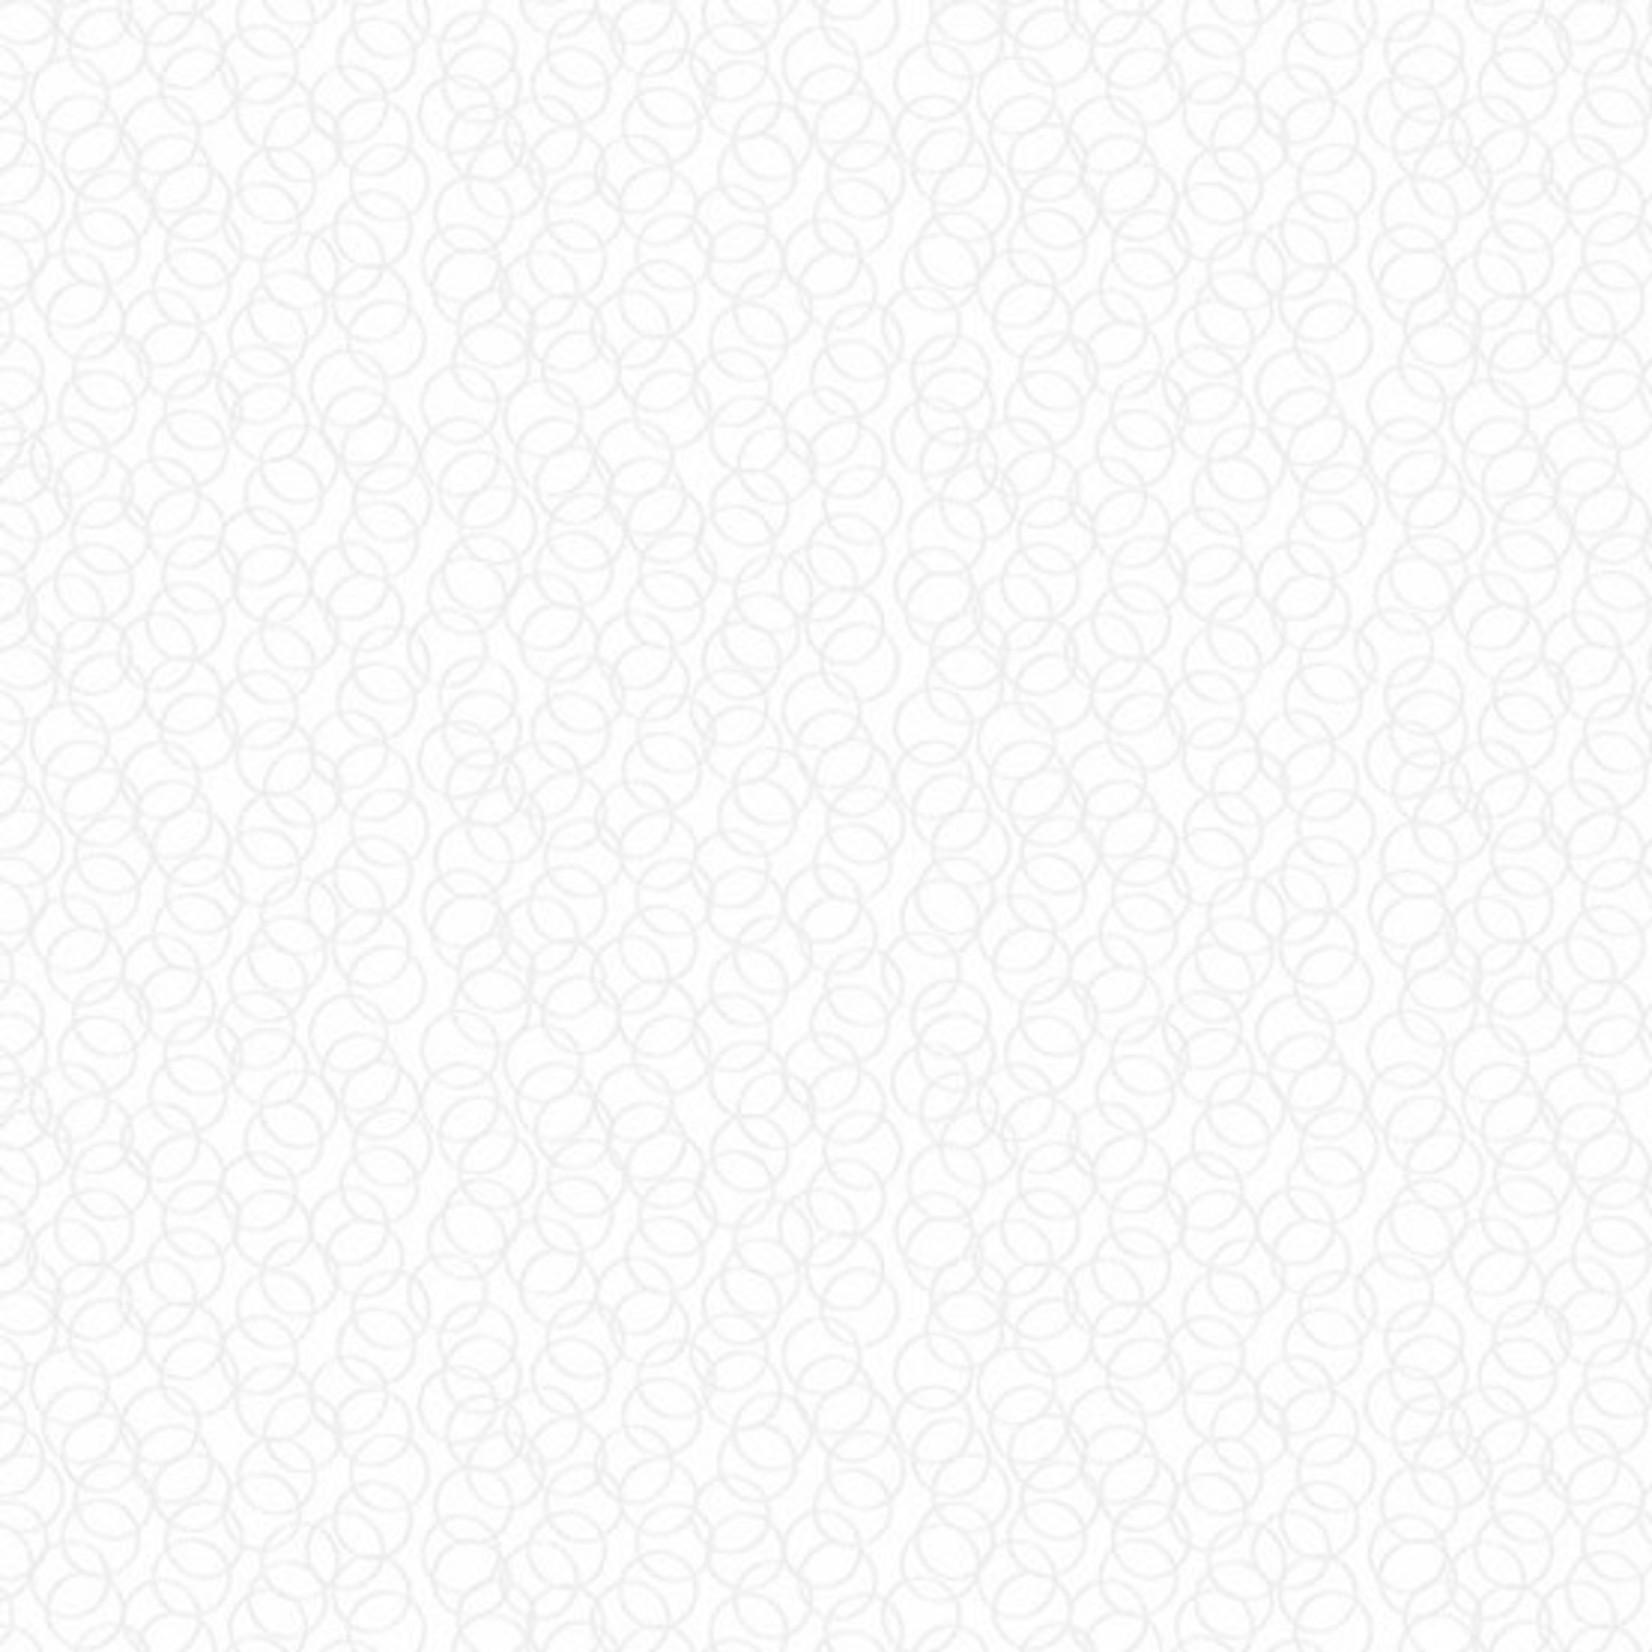 ANDOVER Century Whites, Circles CS-9676-WW $0.18 per cm or $18/m